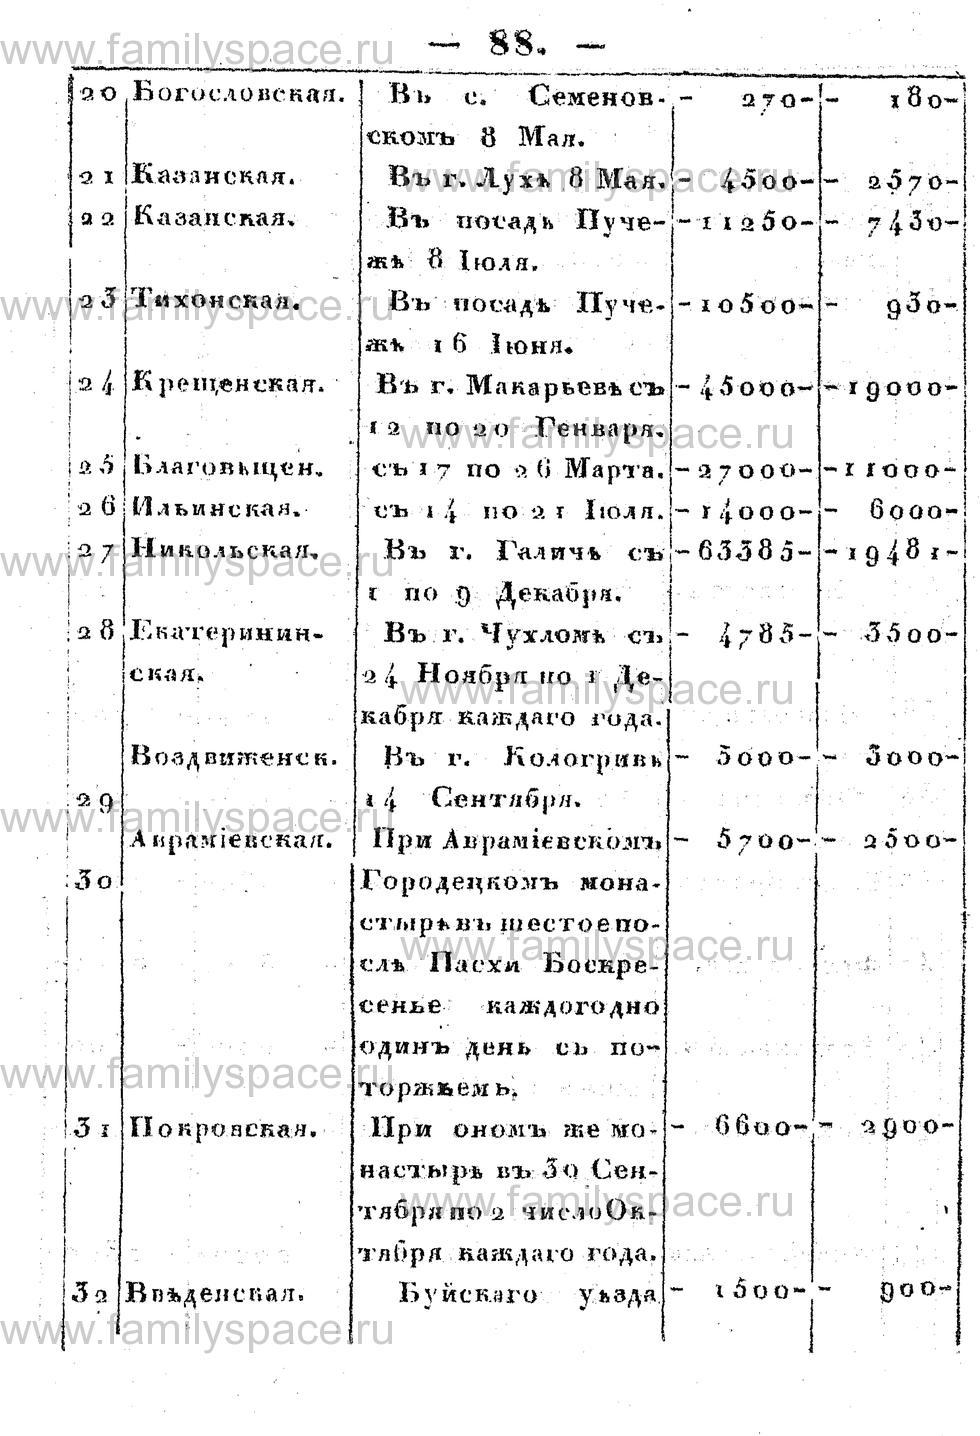 Поиск по фамилии - Памятная книжка Костромской губернии на 1853 год, страница 88